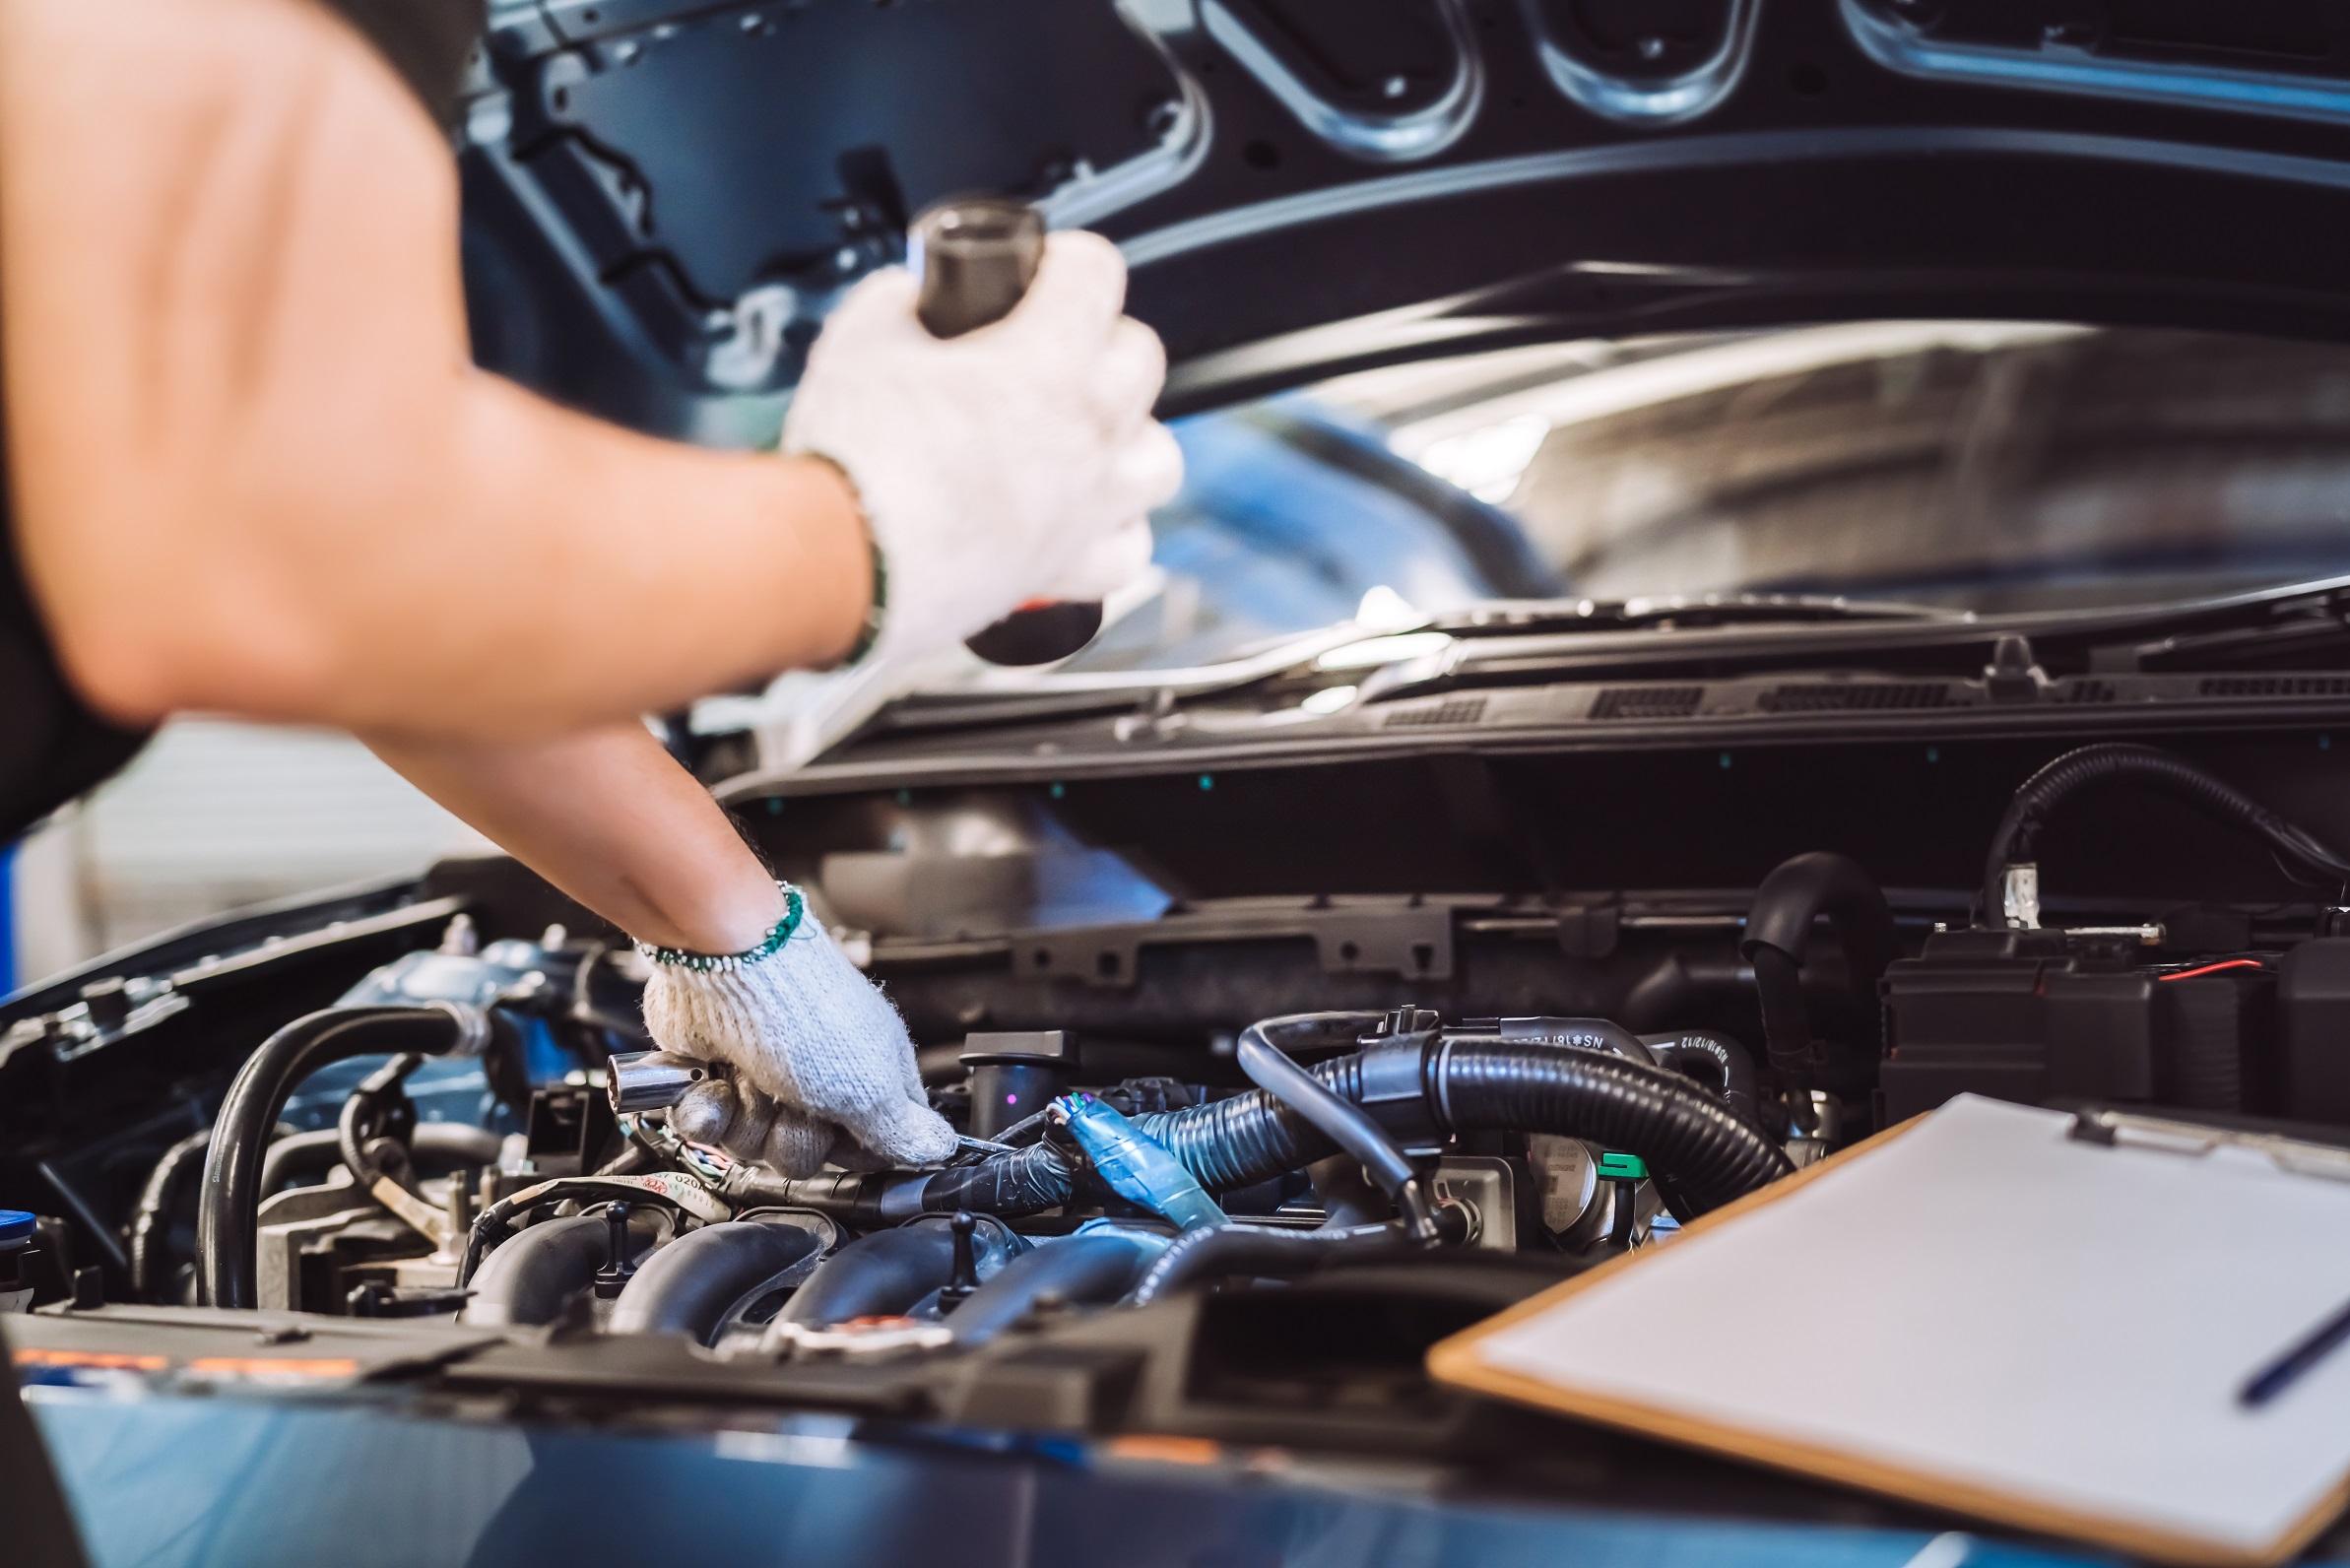 mecanico examina motor de carro em oficina